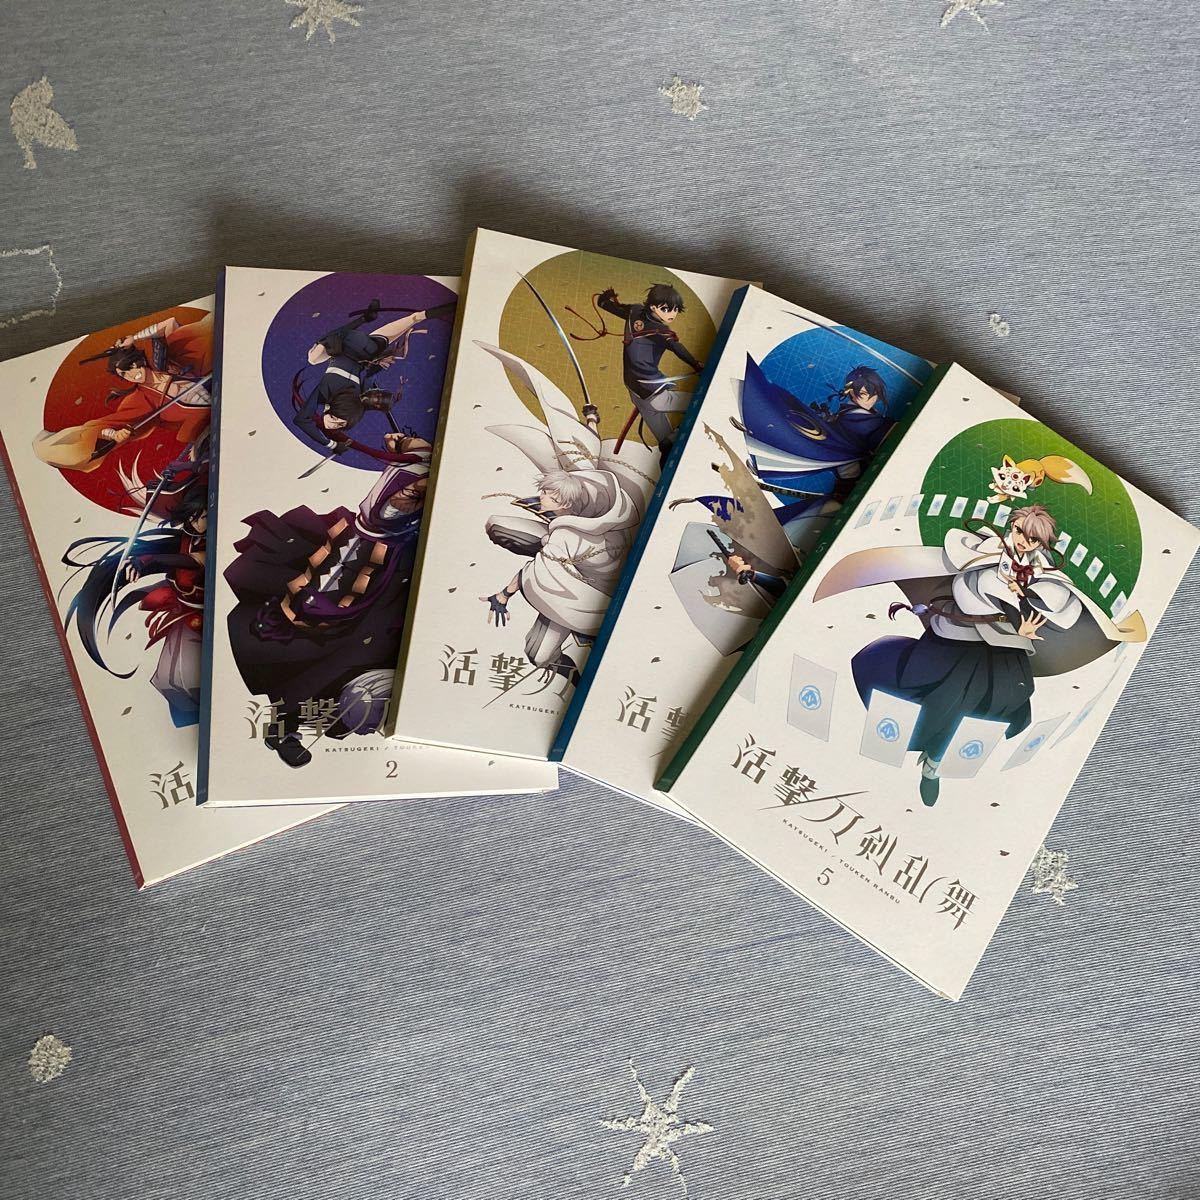 値下げ!初回限定版 活撃刀剣乱舞ブルーレイセット